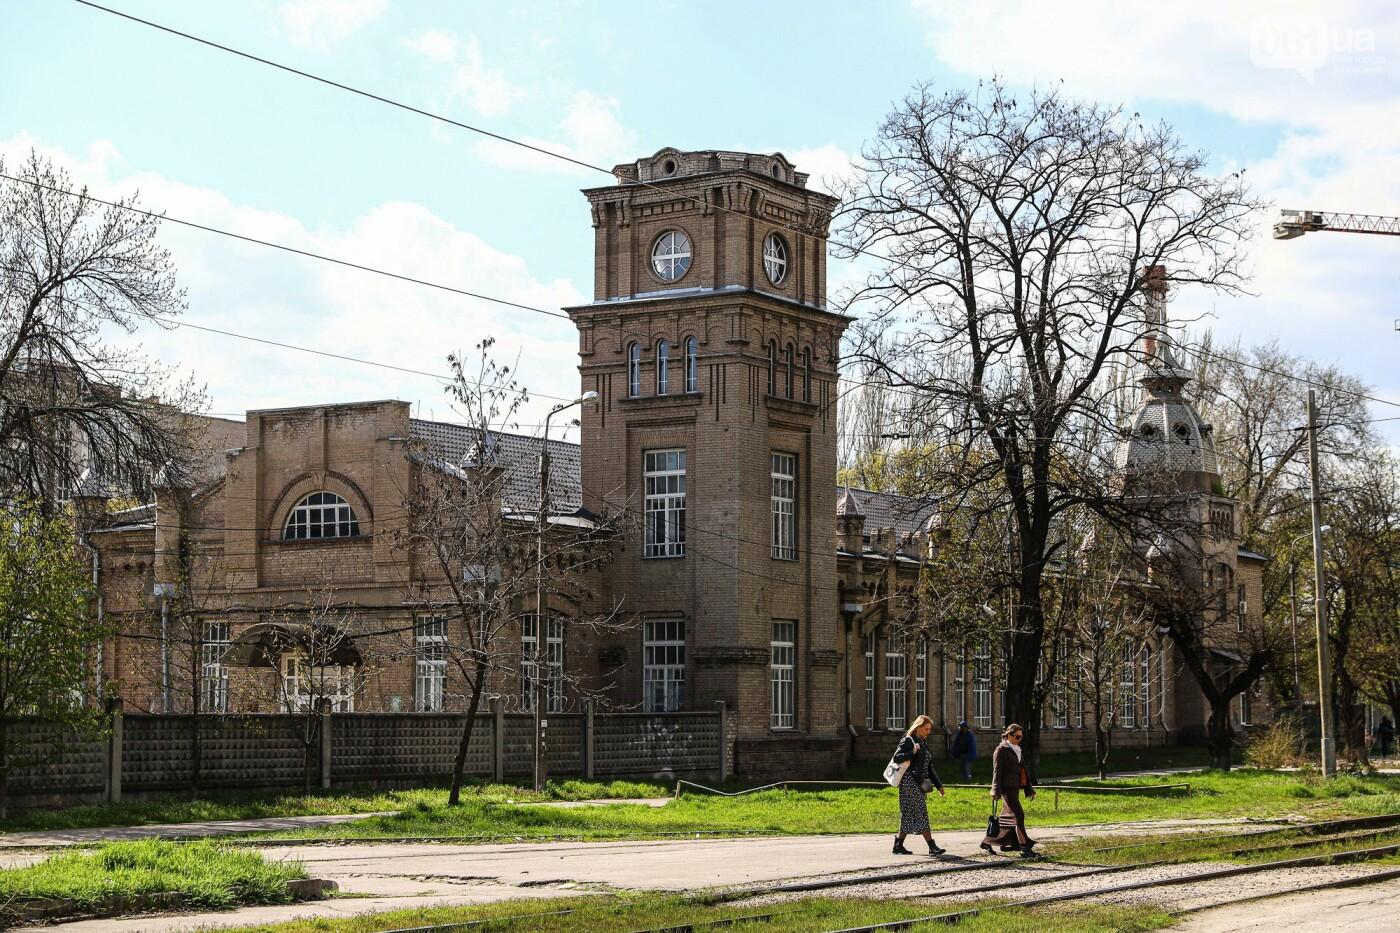 Памятники Старого Александровска: как сейчас выглядит здание первой в городе электростанции, - ФОТО, фото-2